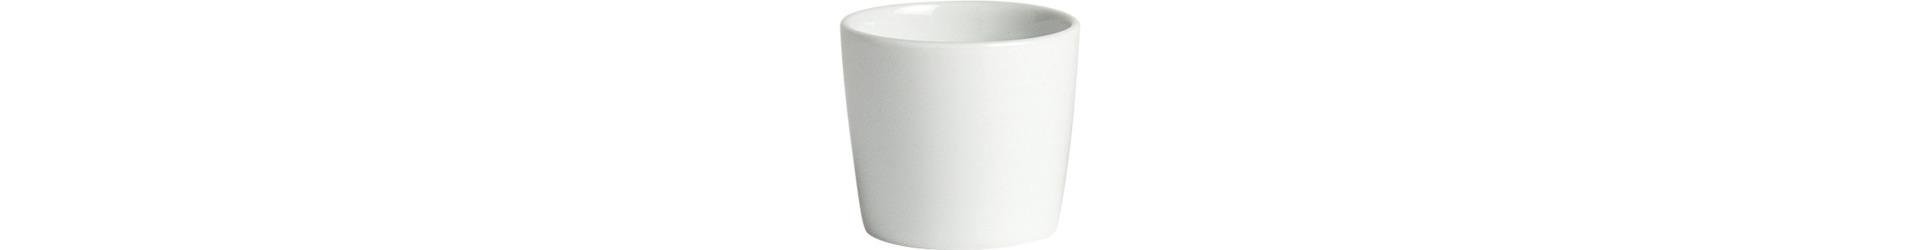 Tumbler 0,09 l weiß